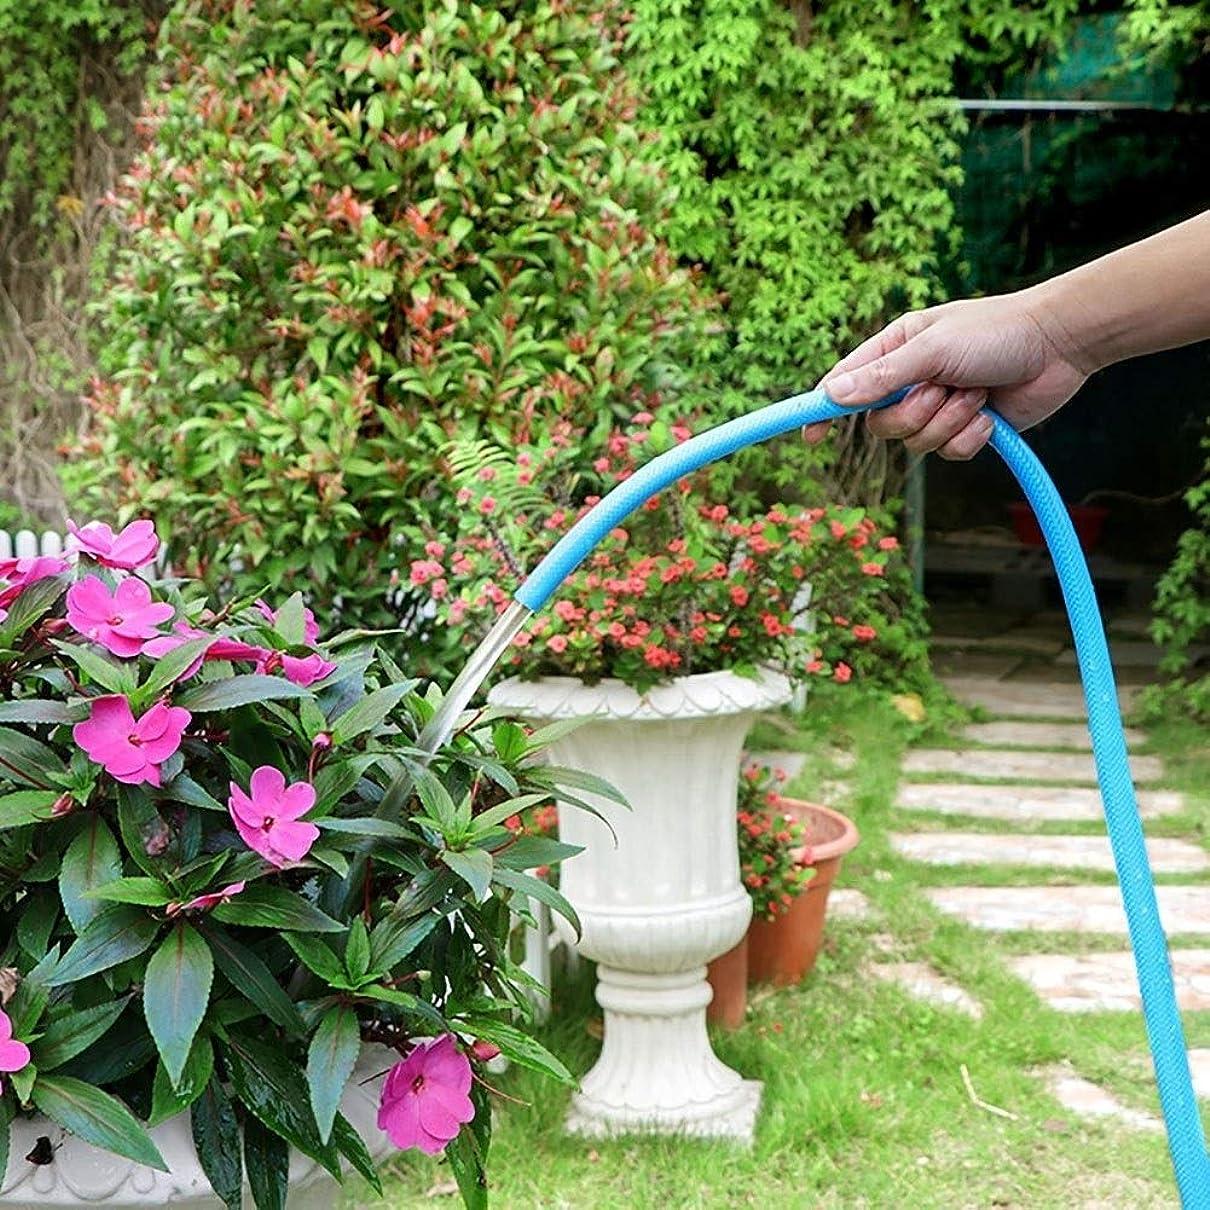 有能な浸した操縦するZLI ガーデンホース 散水や洗車用ガーデンホース、3つの層の世帯または専門の水まきの必要性のための適用範囲が広い1/2inchポリ塩化ビニールの水道管 (Size : 30m(98ft))